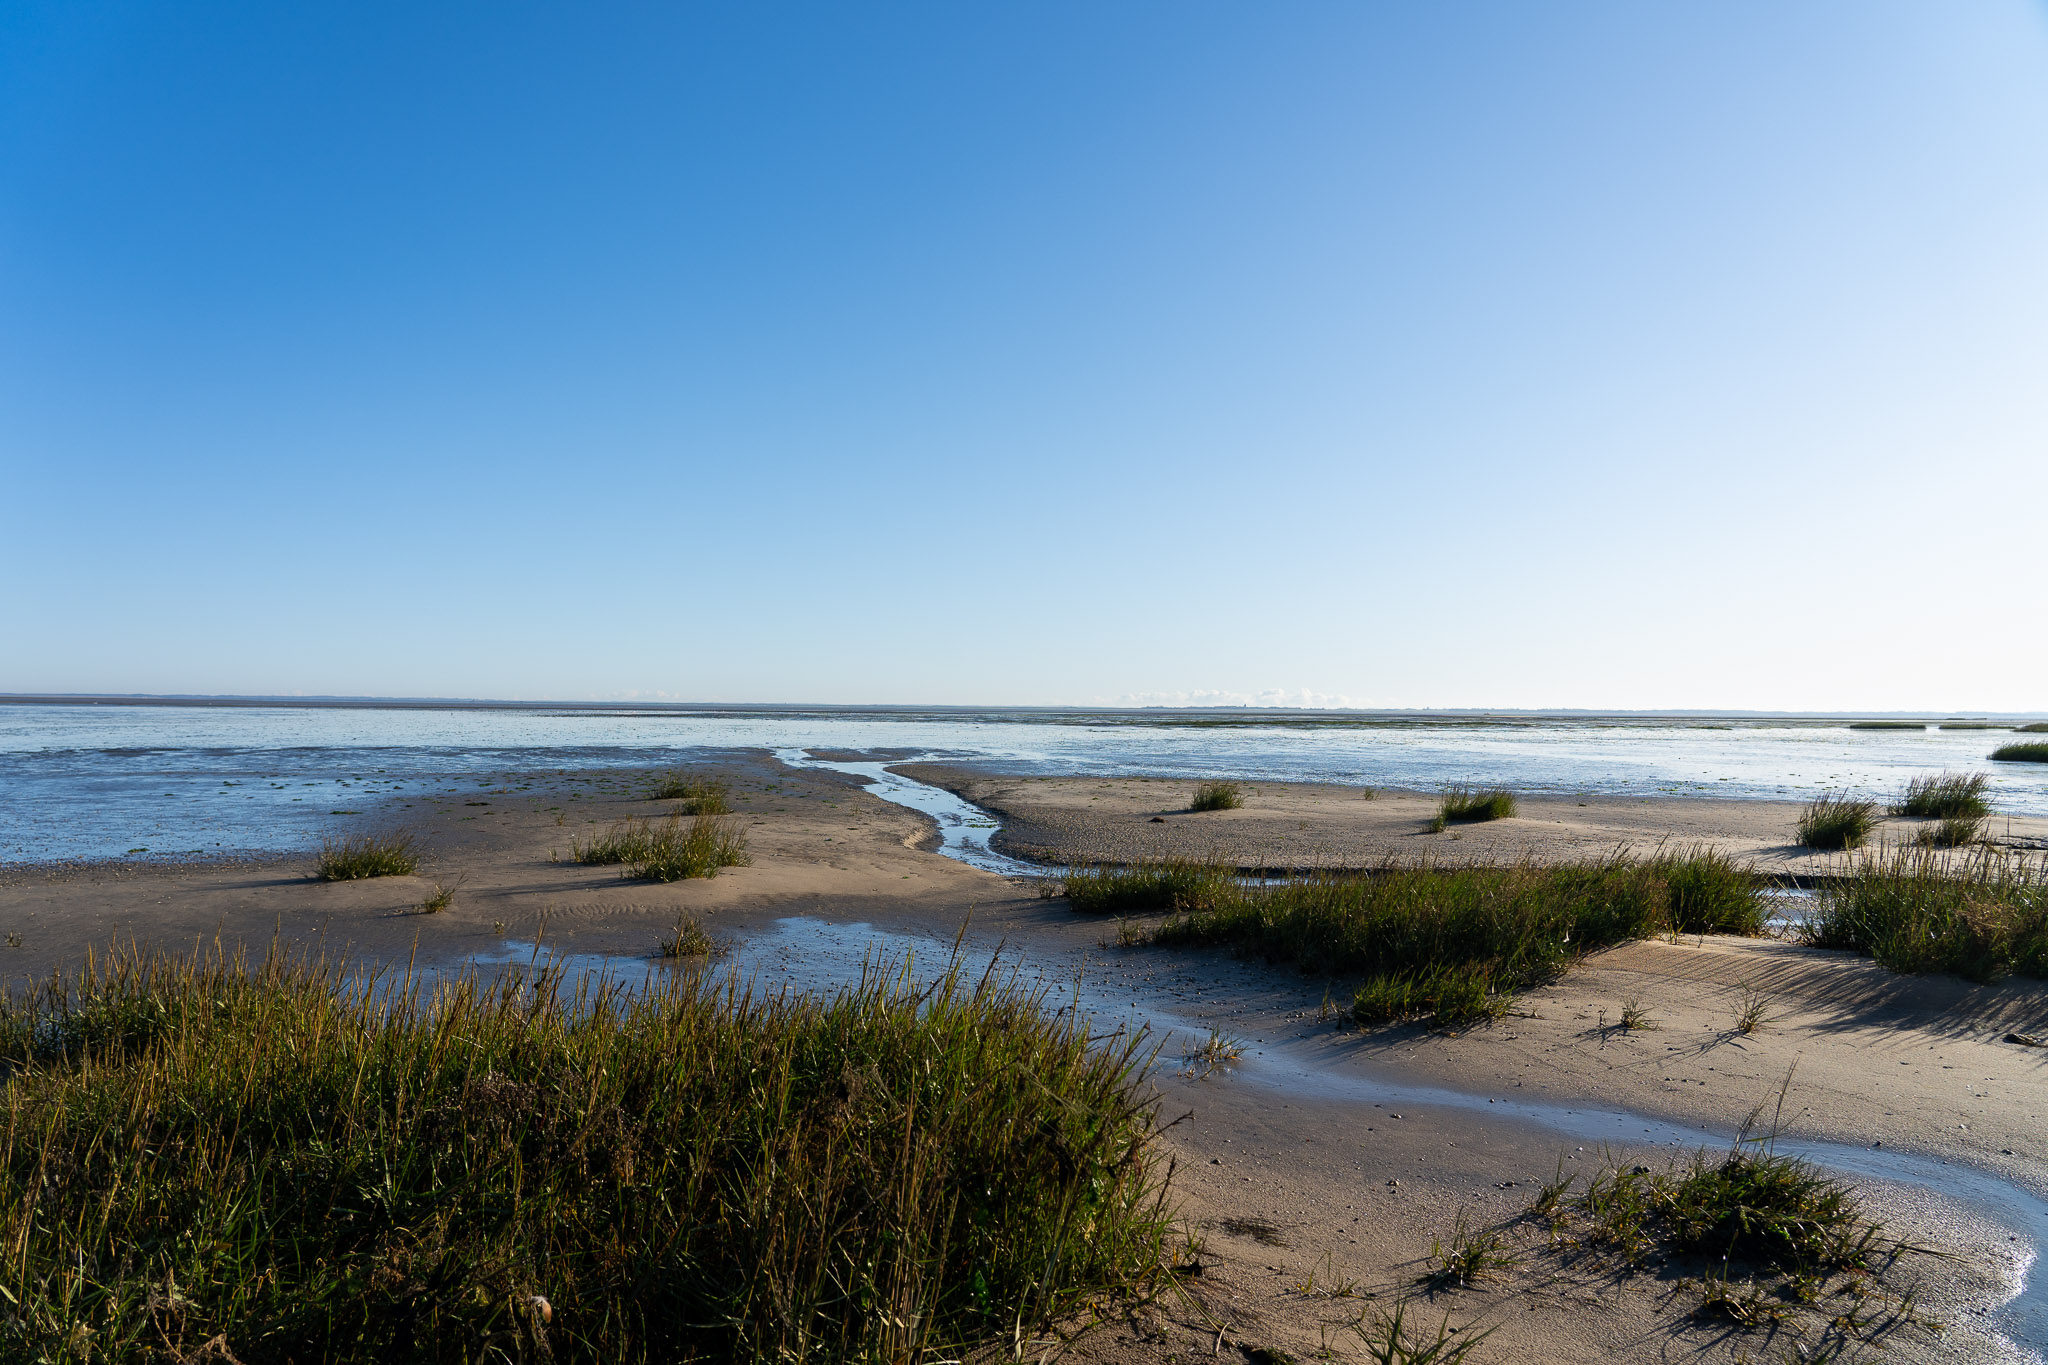 östliches Wattenmeer